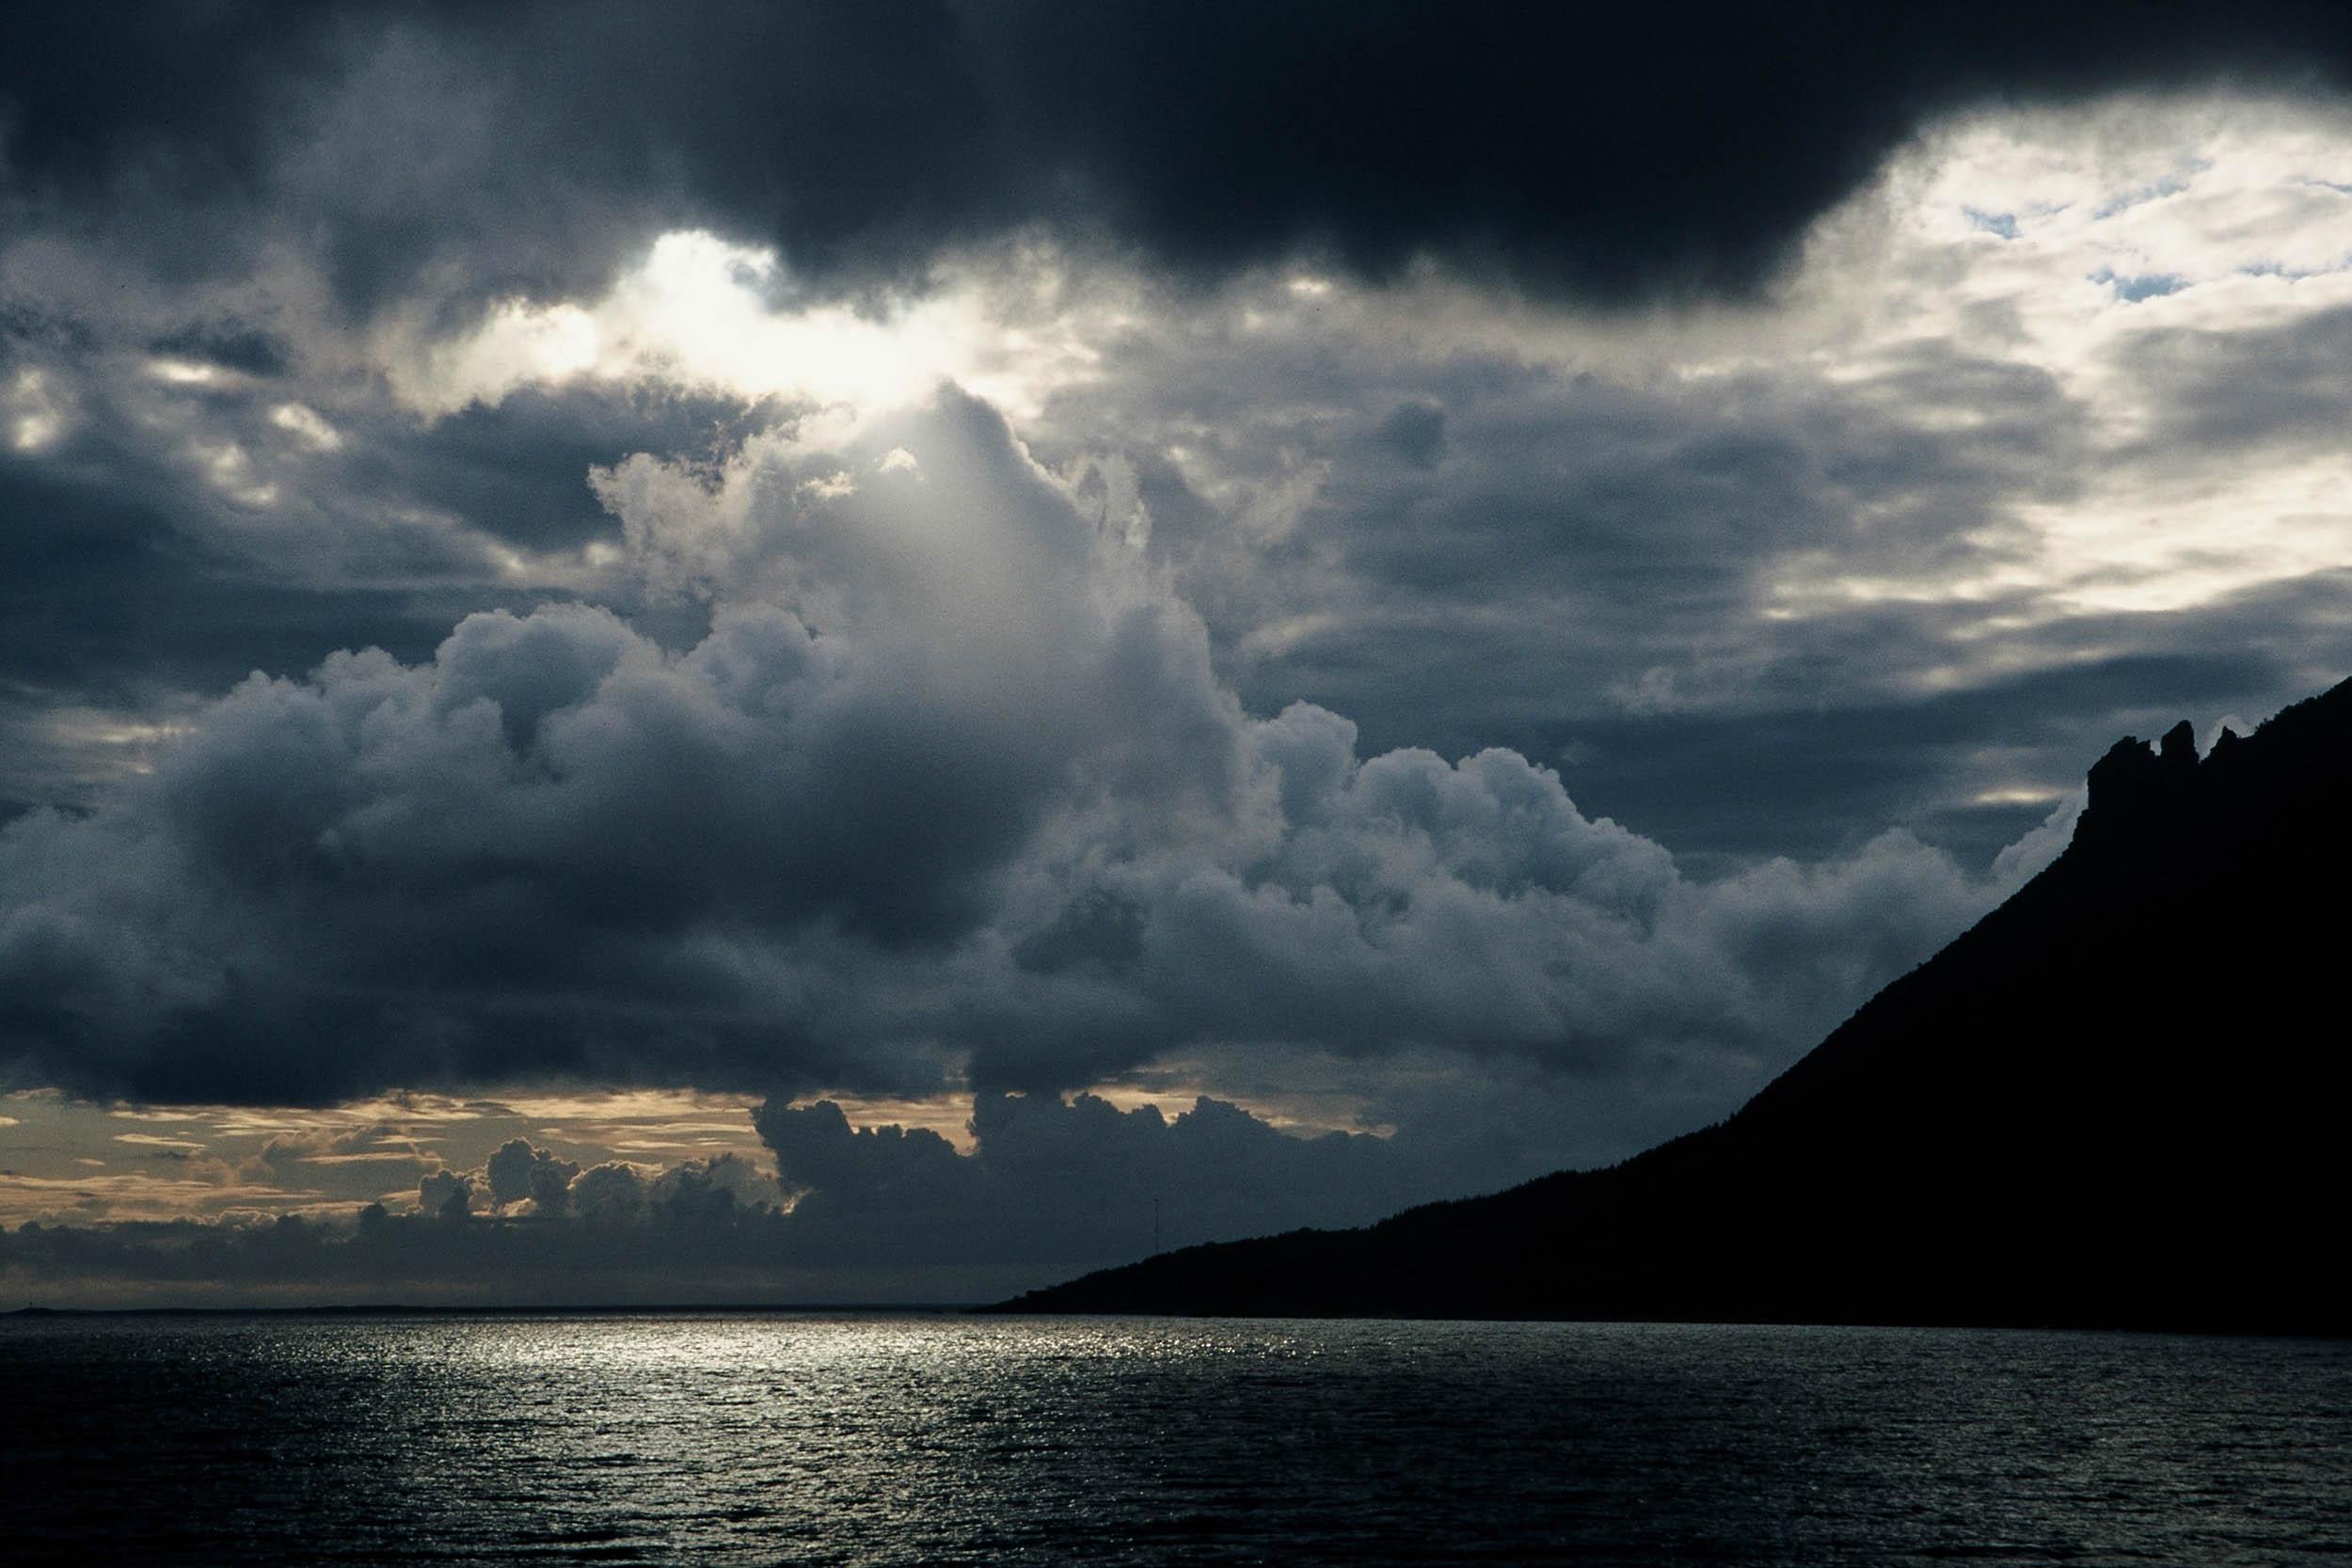 norwegen-gewitterhimmel